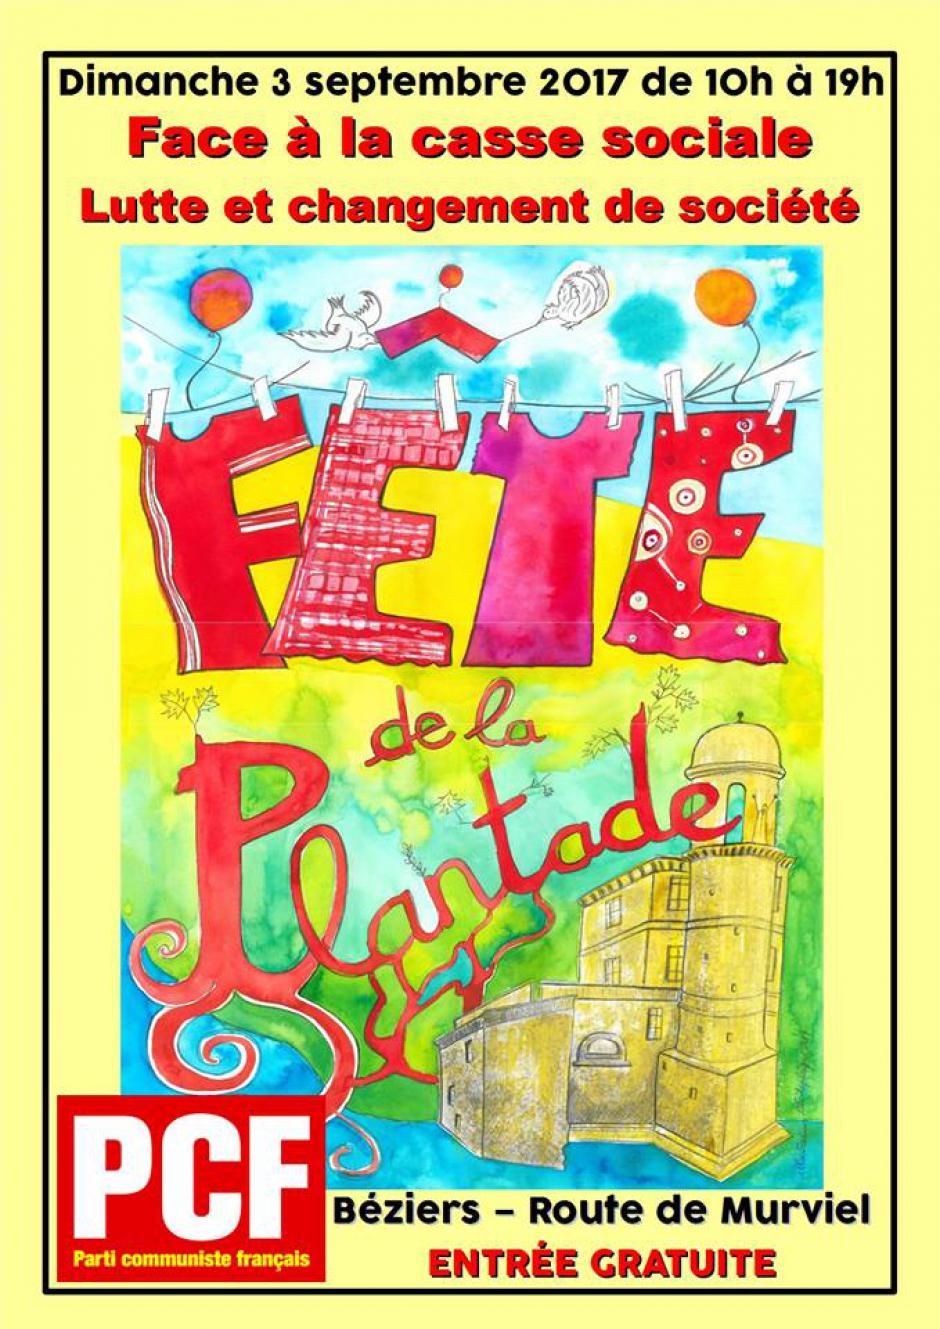 Béziers - fête de la Plantade